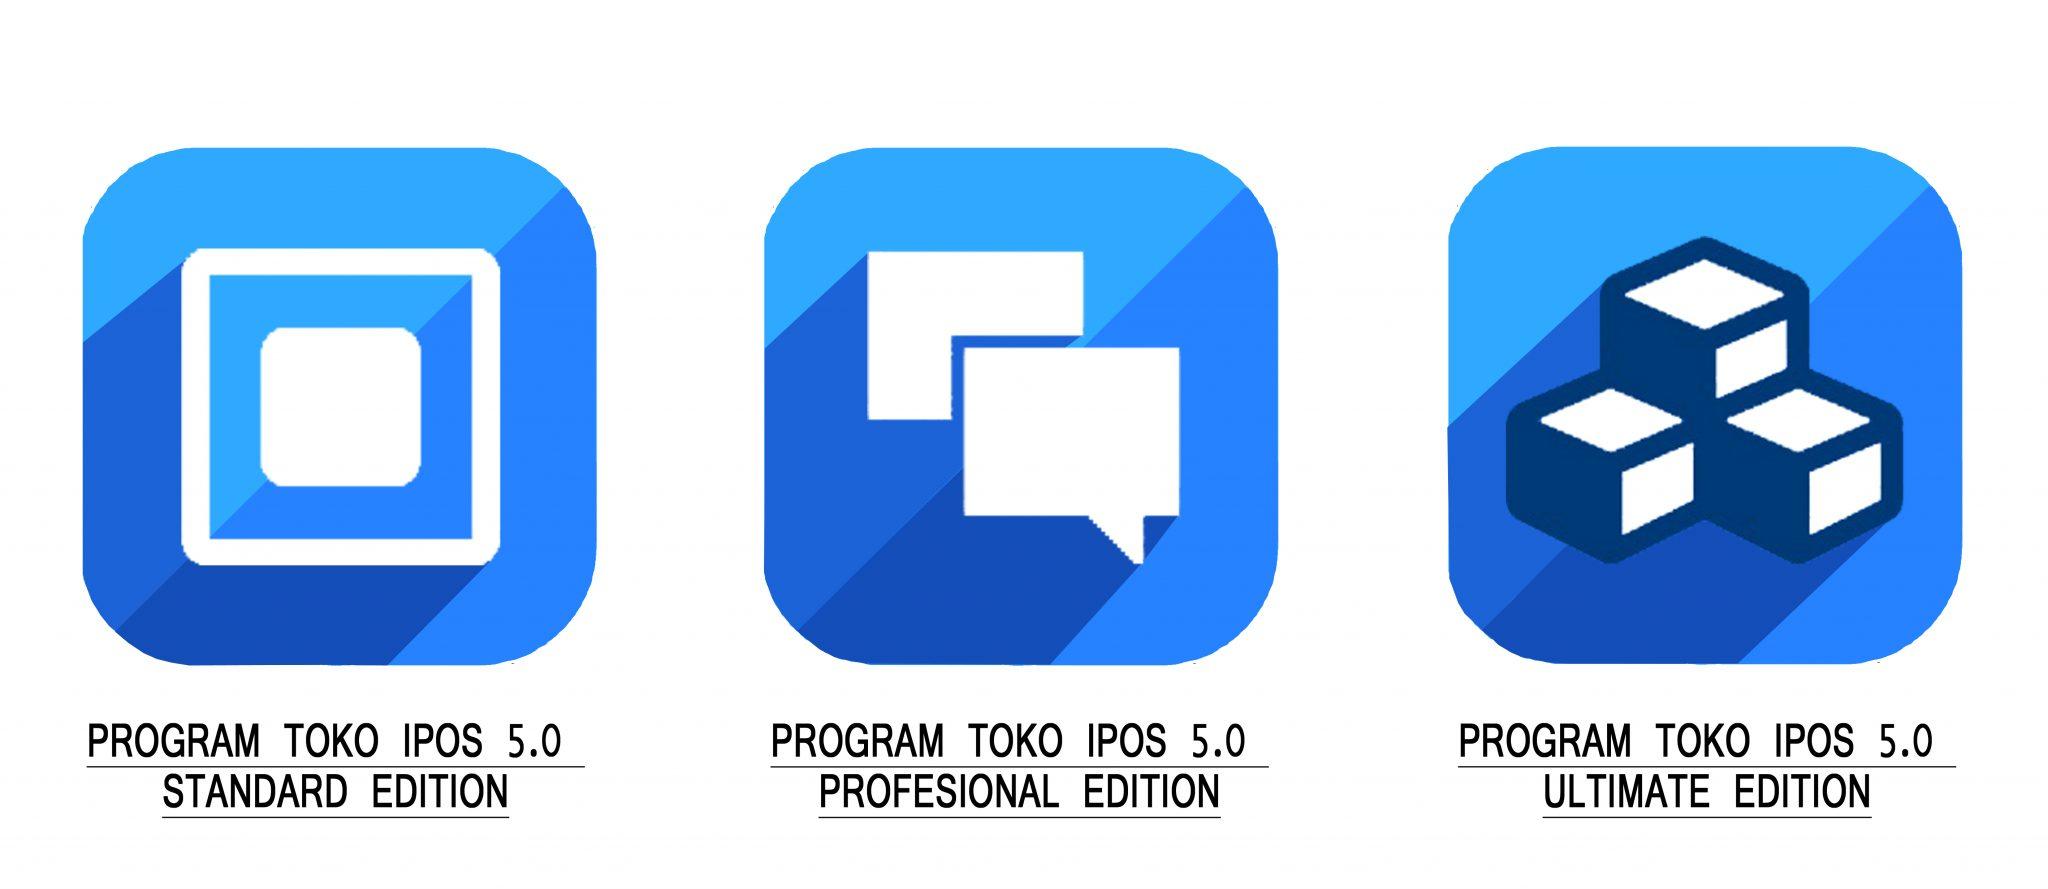 Ini Dia Ipos 5 Software Toko Terbaru Dan Terlengkap 2017